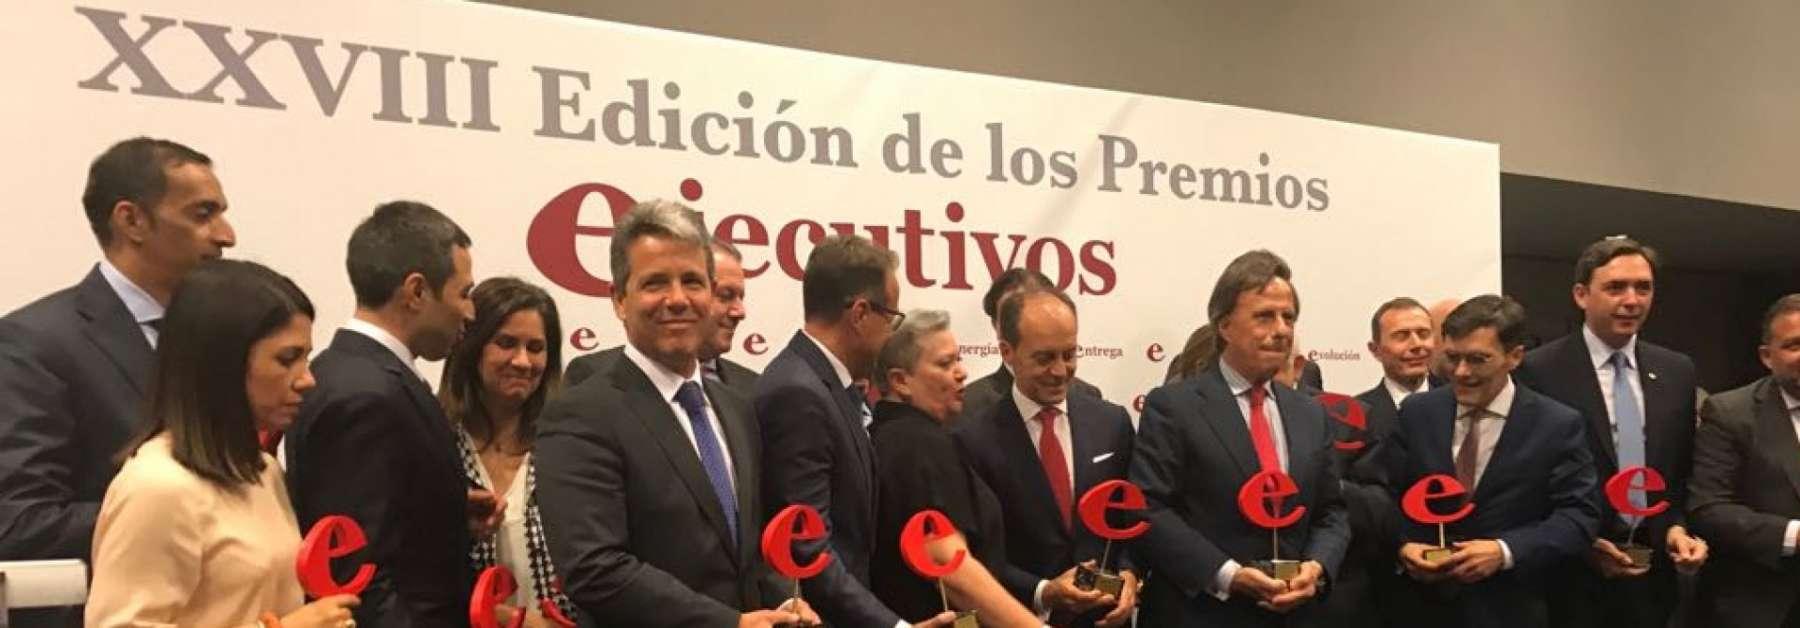 Valdebebas Fintech District, galardonado como<br/> 'Mejor Proyecto del año'